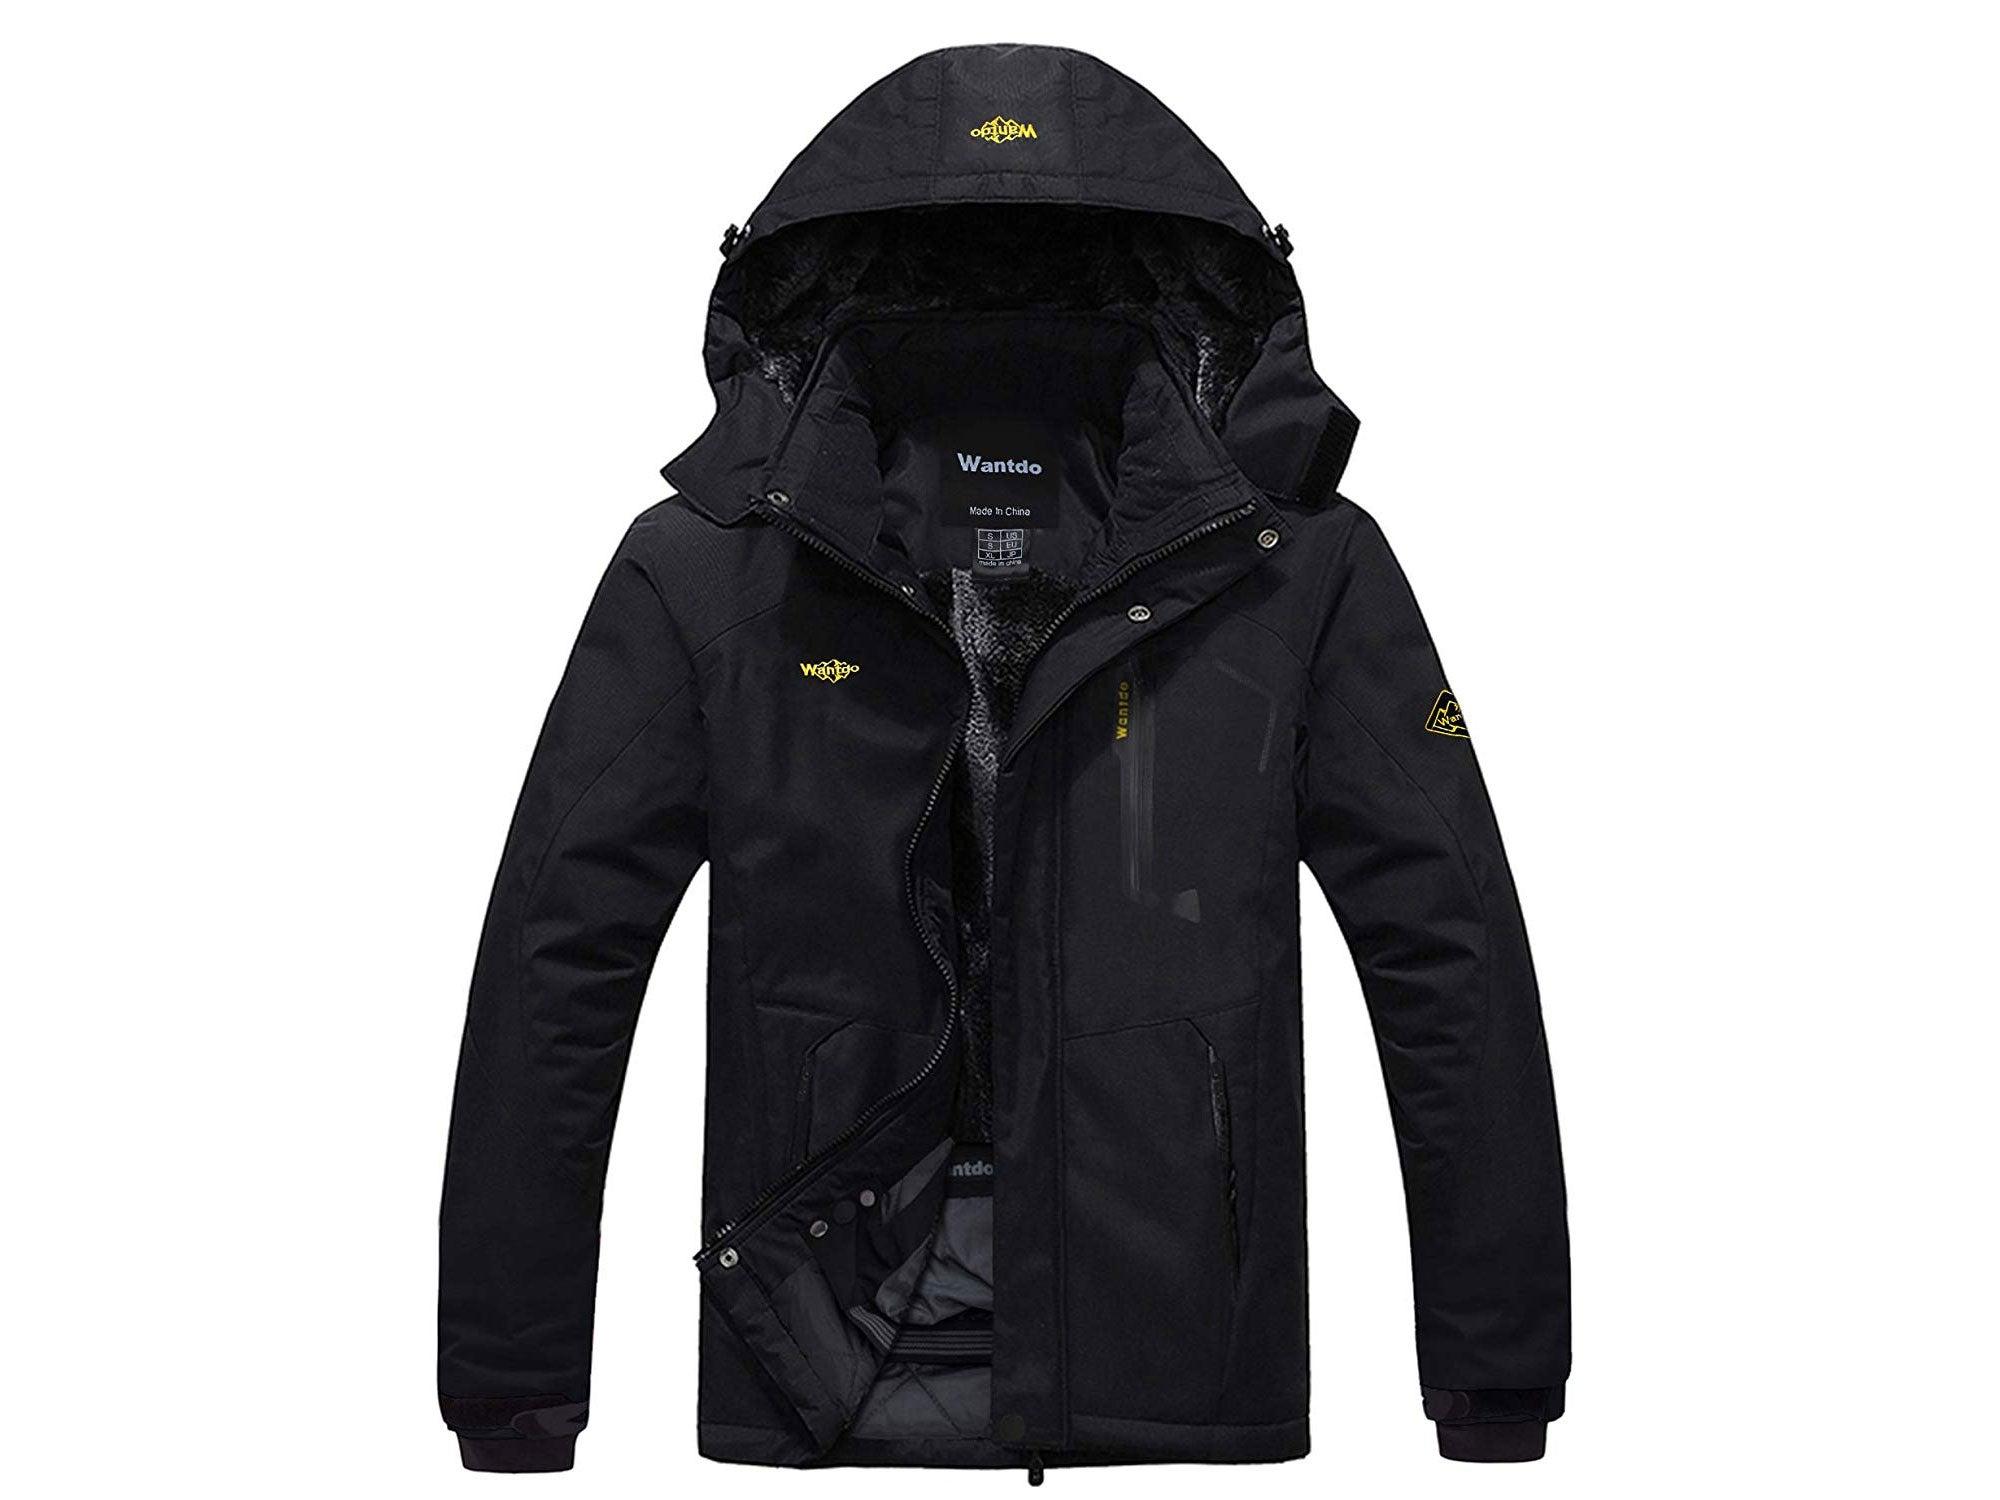 Wantdo heavy waterproof jacket